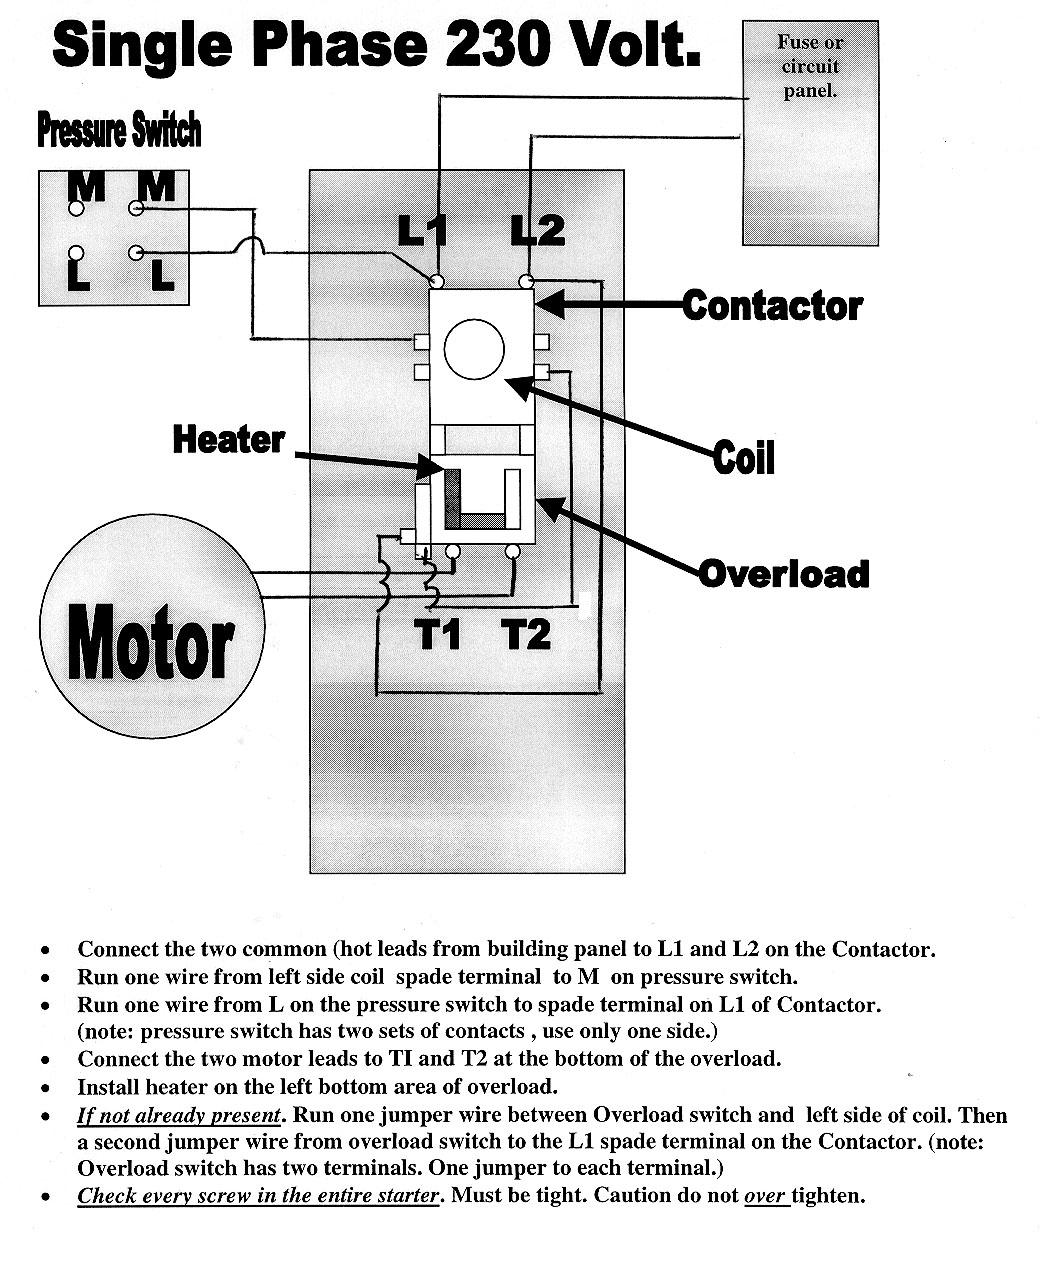 [ZTBE_9966]  FL_2902] Ingersoll Rand Wiring Diagram Schematic Wiring | Wiring Diagram Ingersoll Rand Roller |  | Spoat Jebrp Proe Hendil Mohammedshrine Librar Wiring 101